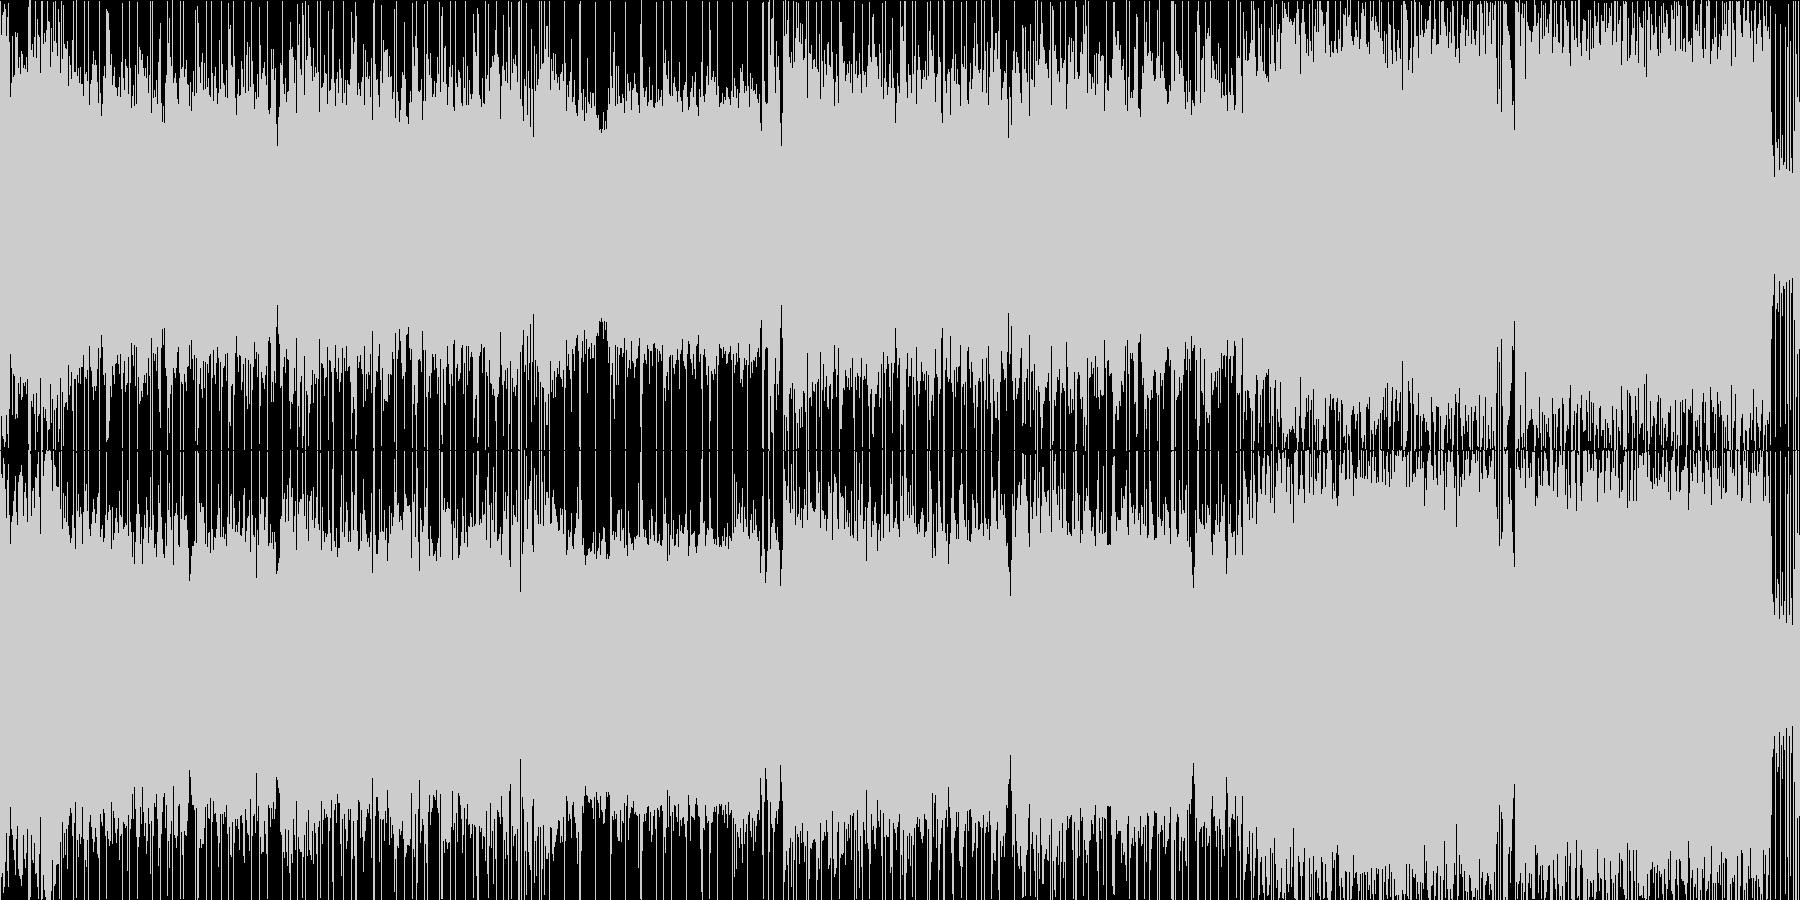 スローテンポのバトル楽曲の未再生の波形